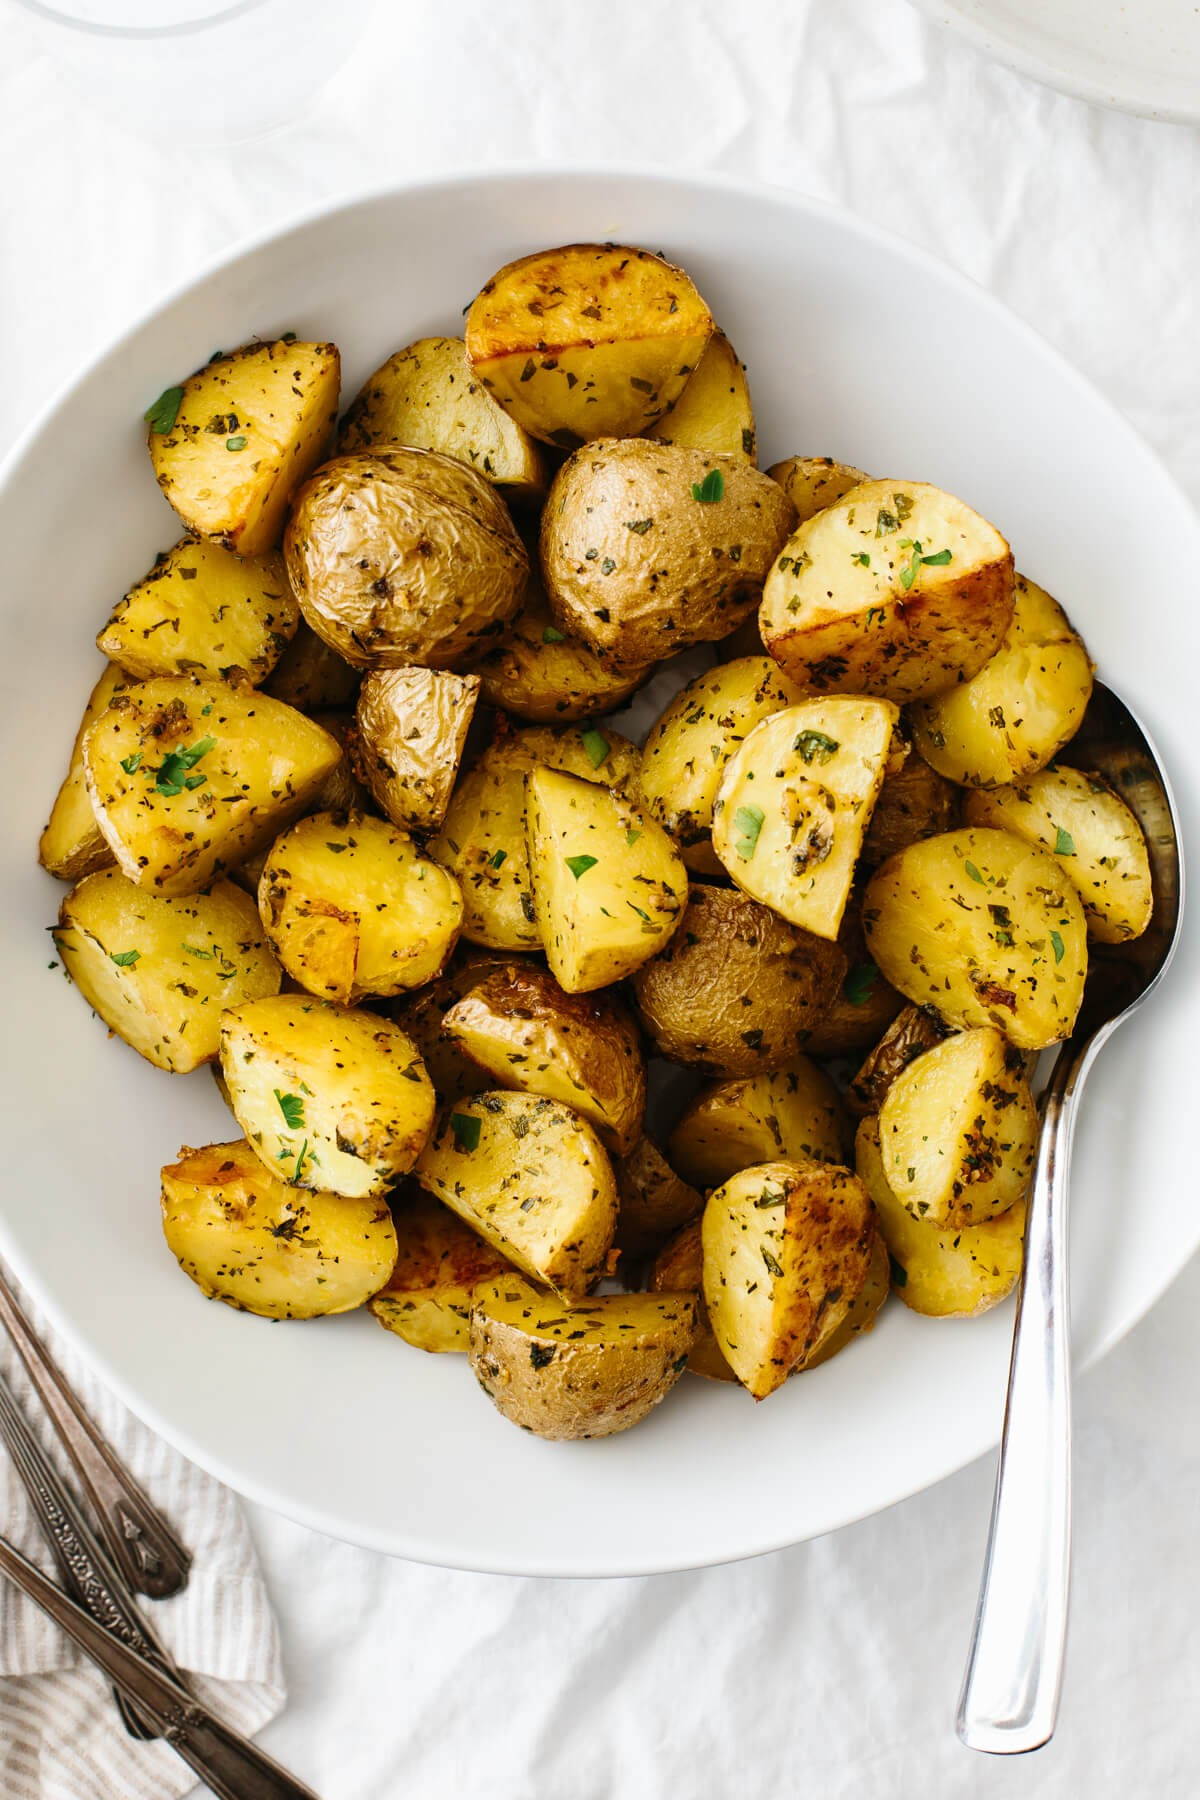 وصفات بطاطس مشوية - طريقة عمل البطاطس المشوية بالثوم والأعشاب